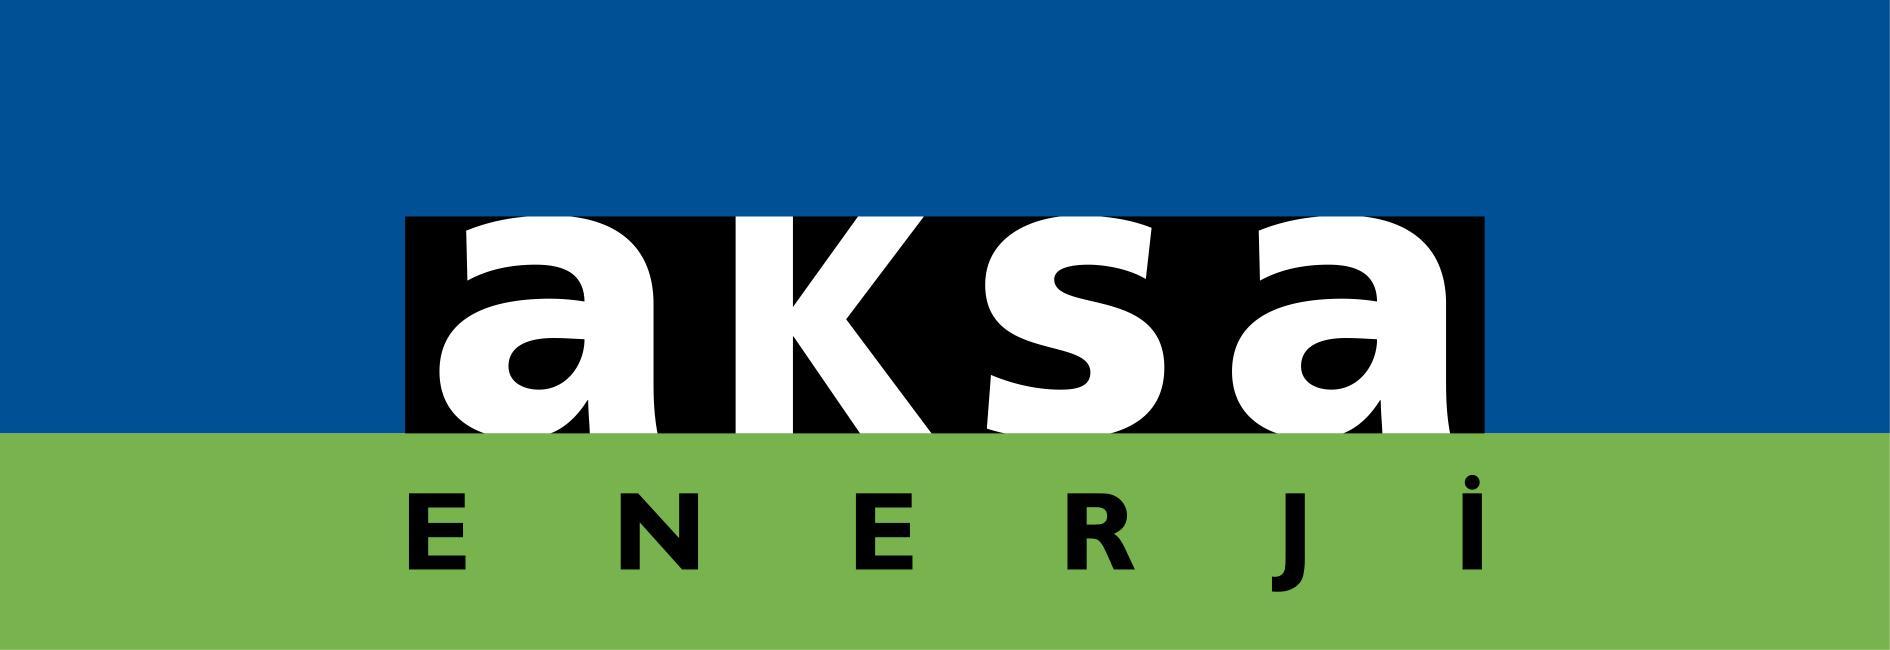 Turkrating Aksa Enerji'yi TR A+ ve TR A2 notlarıyla yüksek kredi kalitesi ve güçlü borç ödeme kabiliyeti seviyelerinde derecelendirdi